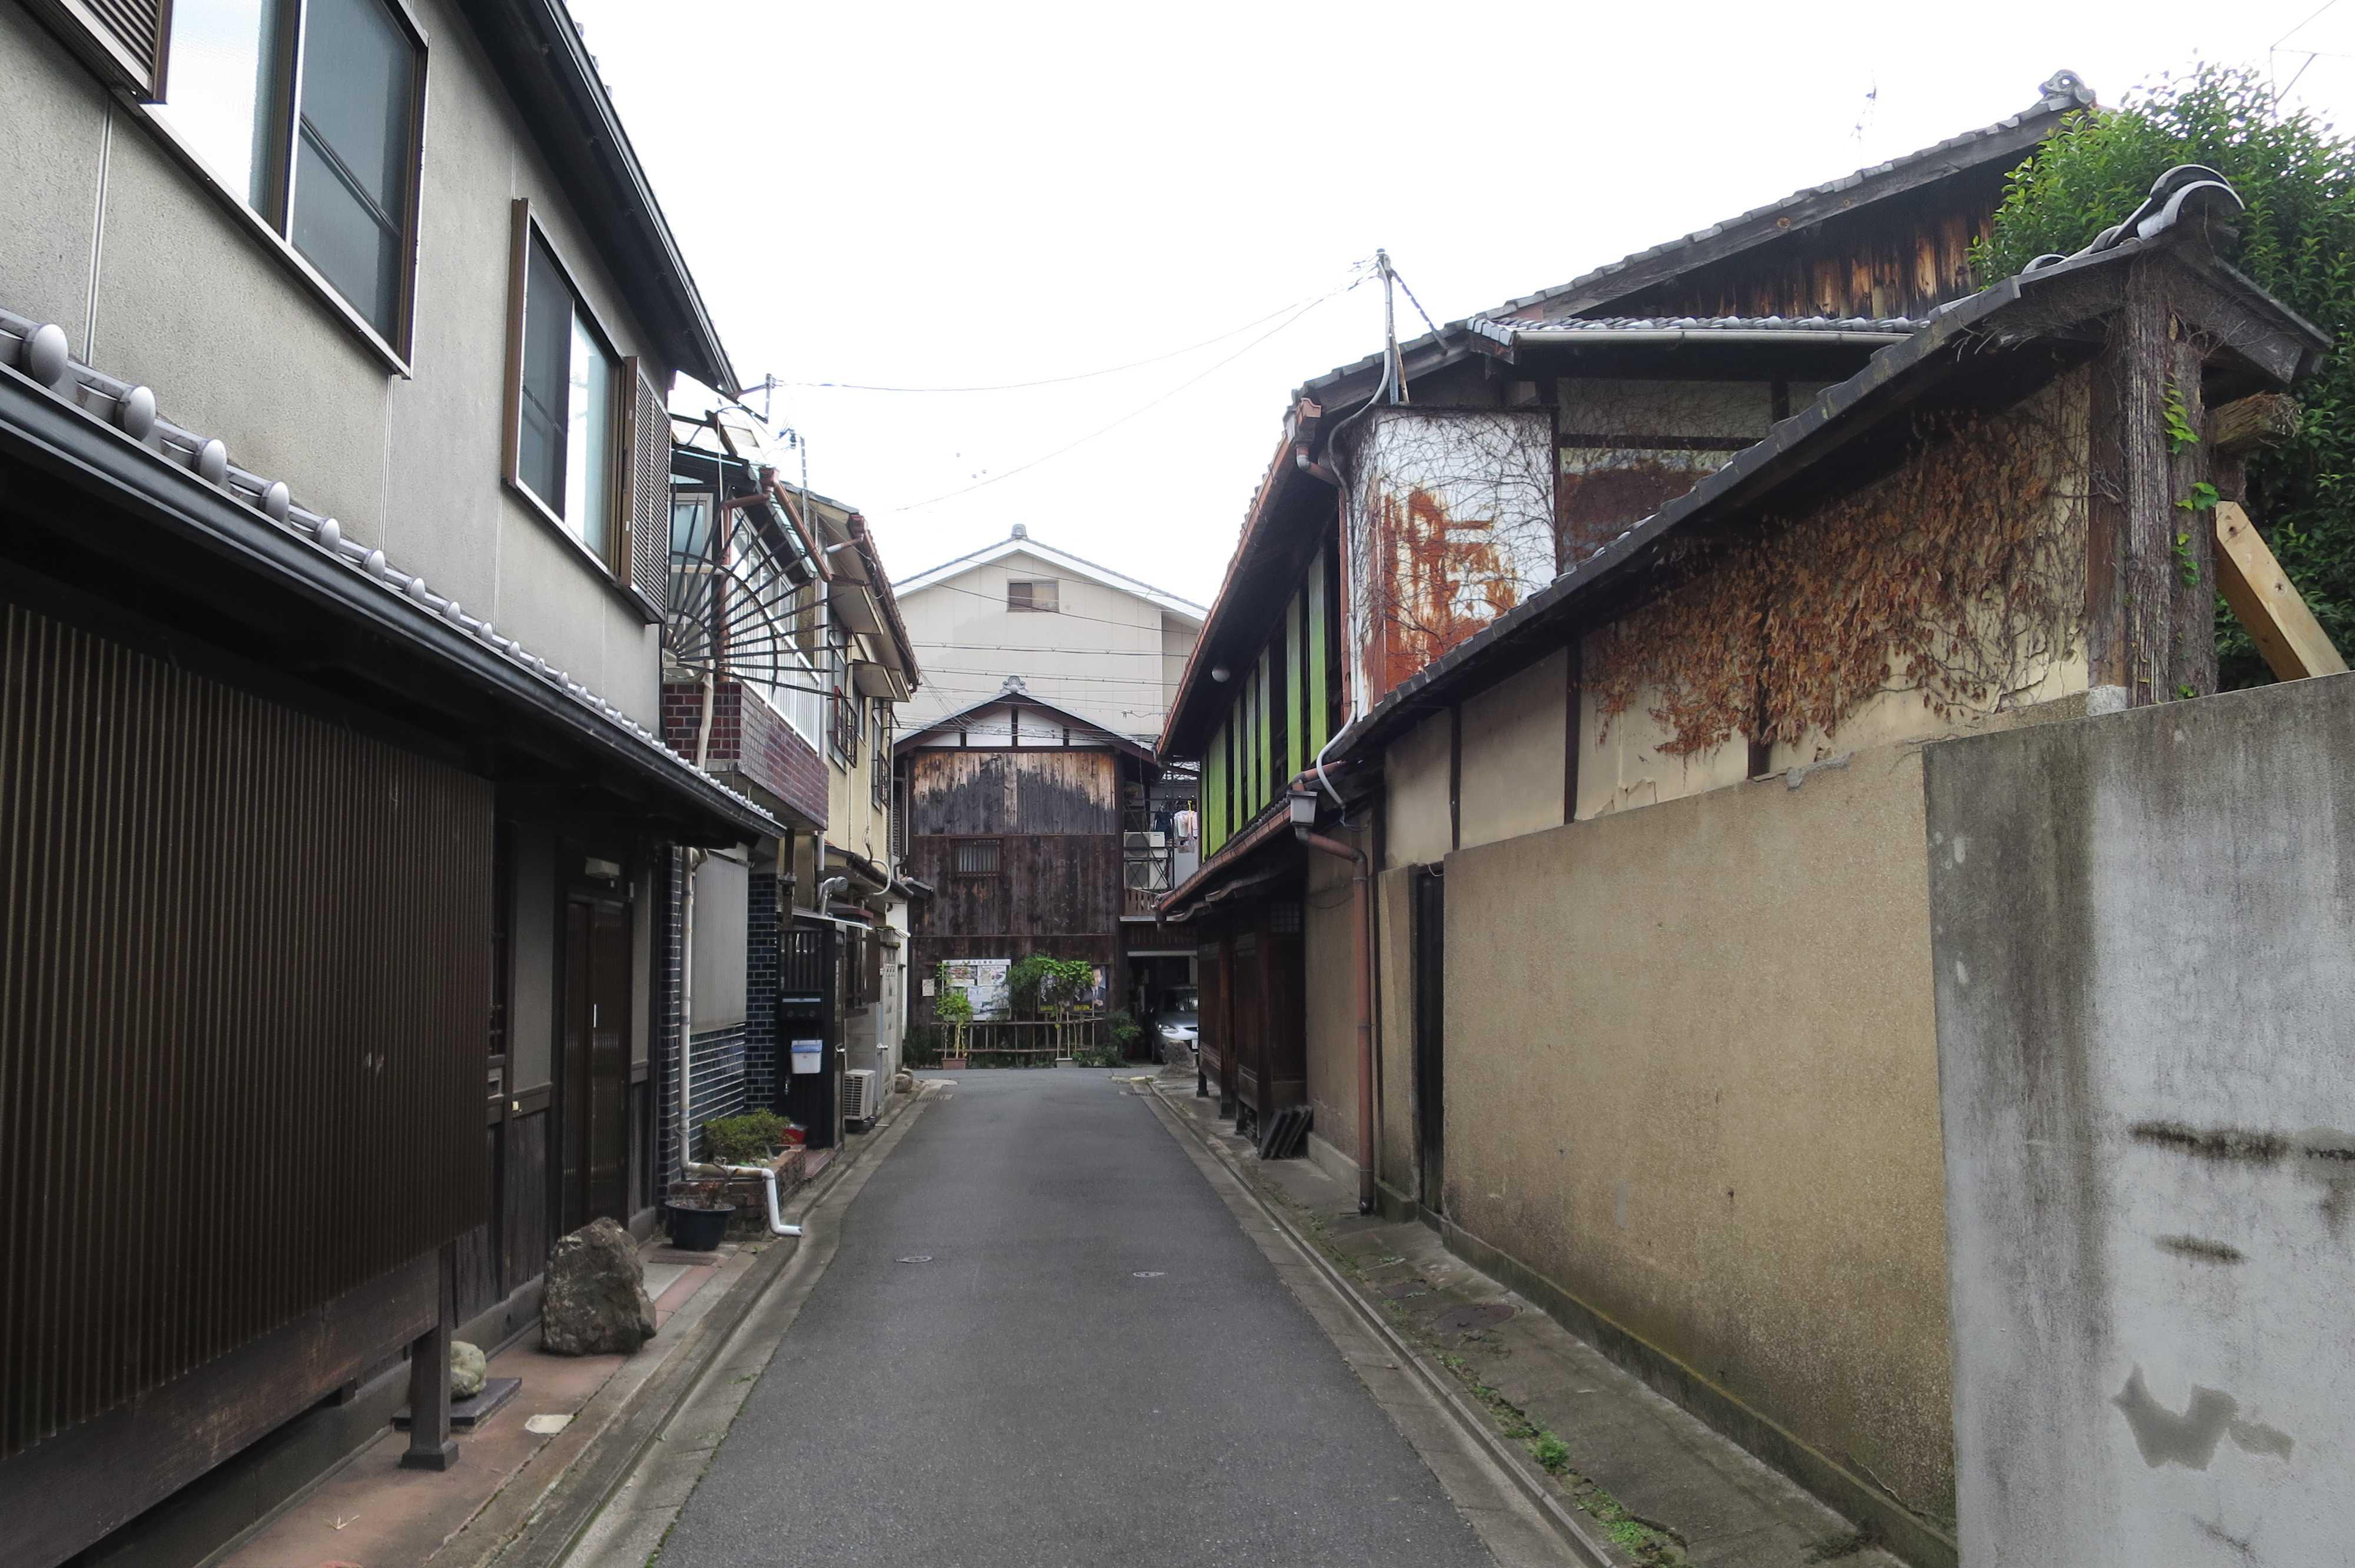 京都 - 旧五条楽園の小路(小径)